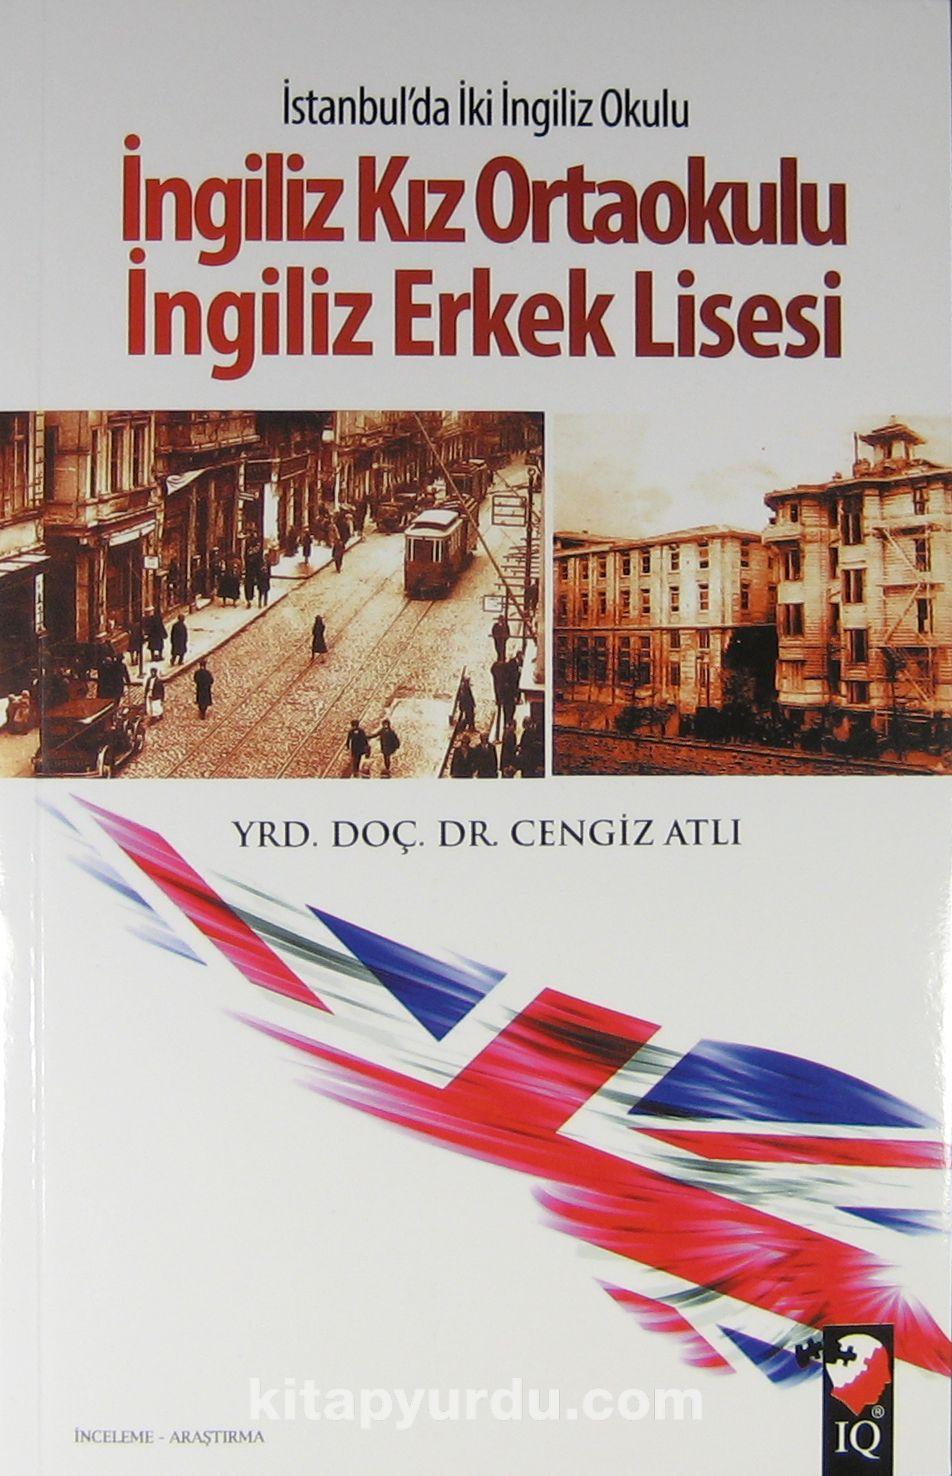 İstanbul'daki İngiliz Kız Ortaokulu İngiliz Erkek Lisesi - Dr. Cengiz Atlı pdf epub